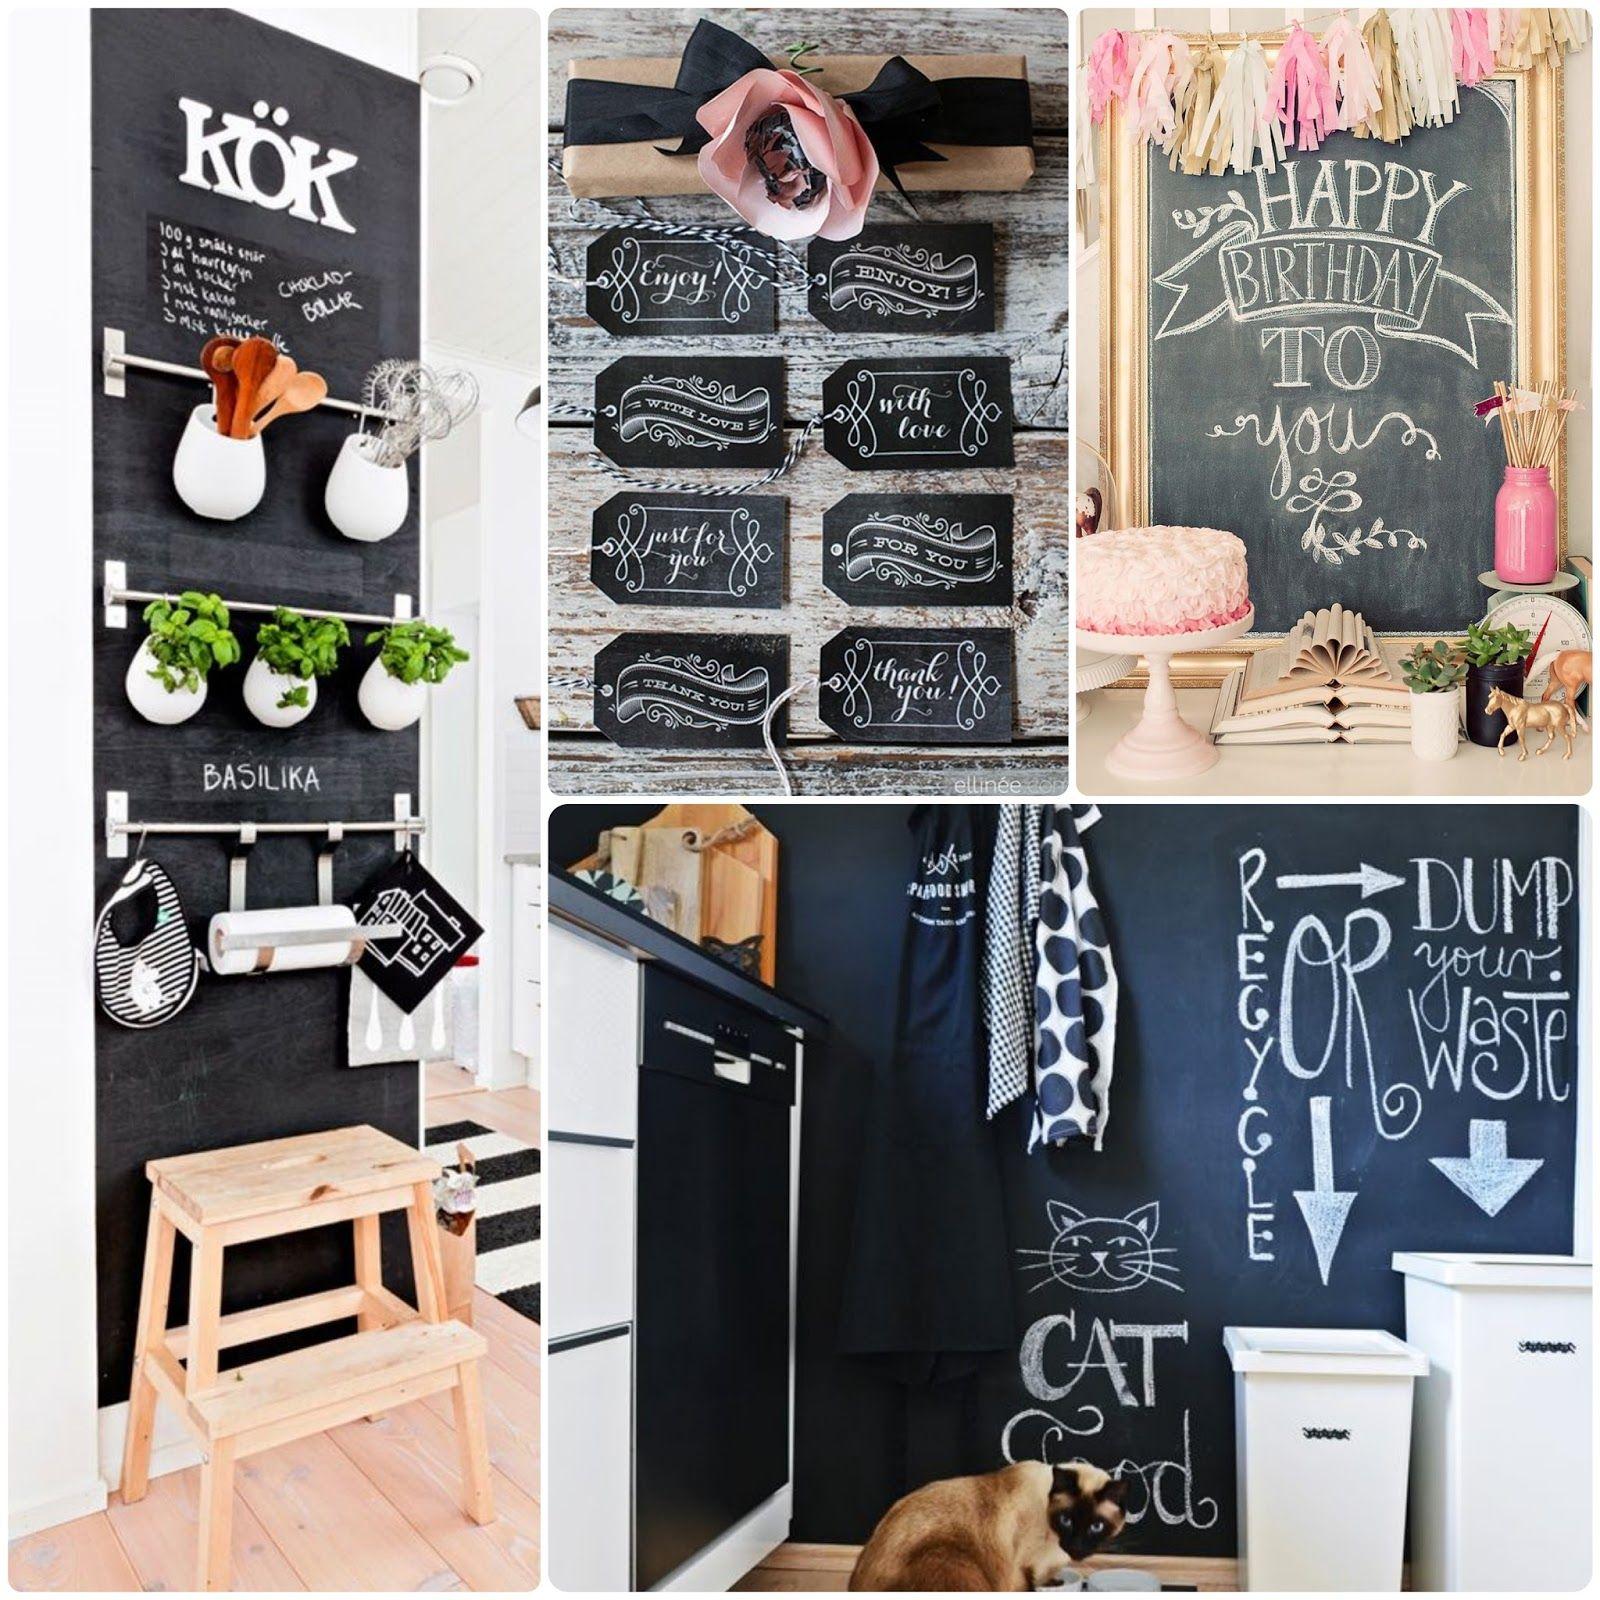 Tafelfolie Küche dicke w goldmarie ideen mit tafelfolie und ein kleines give away